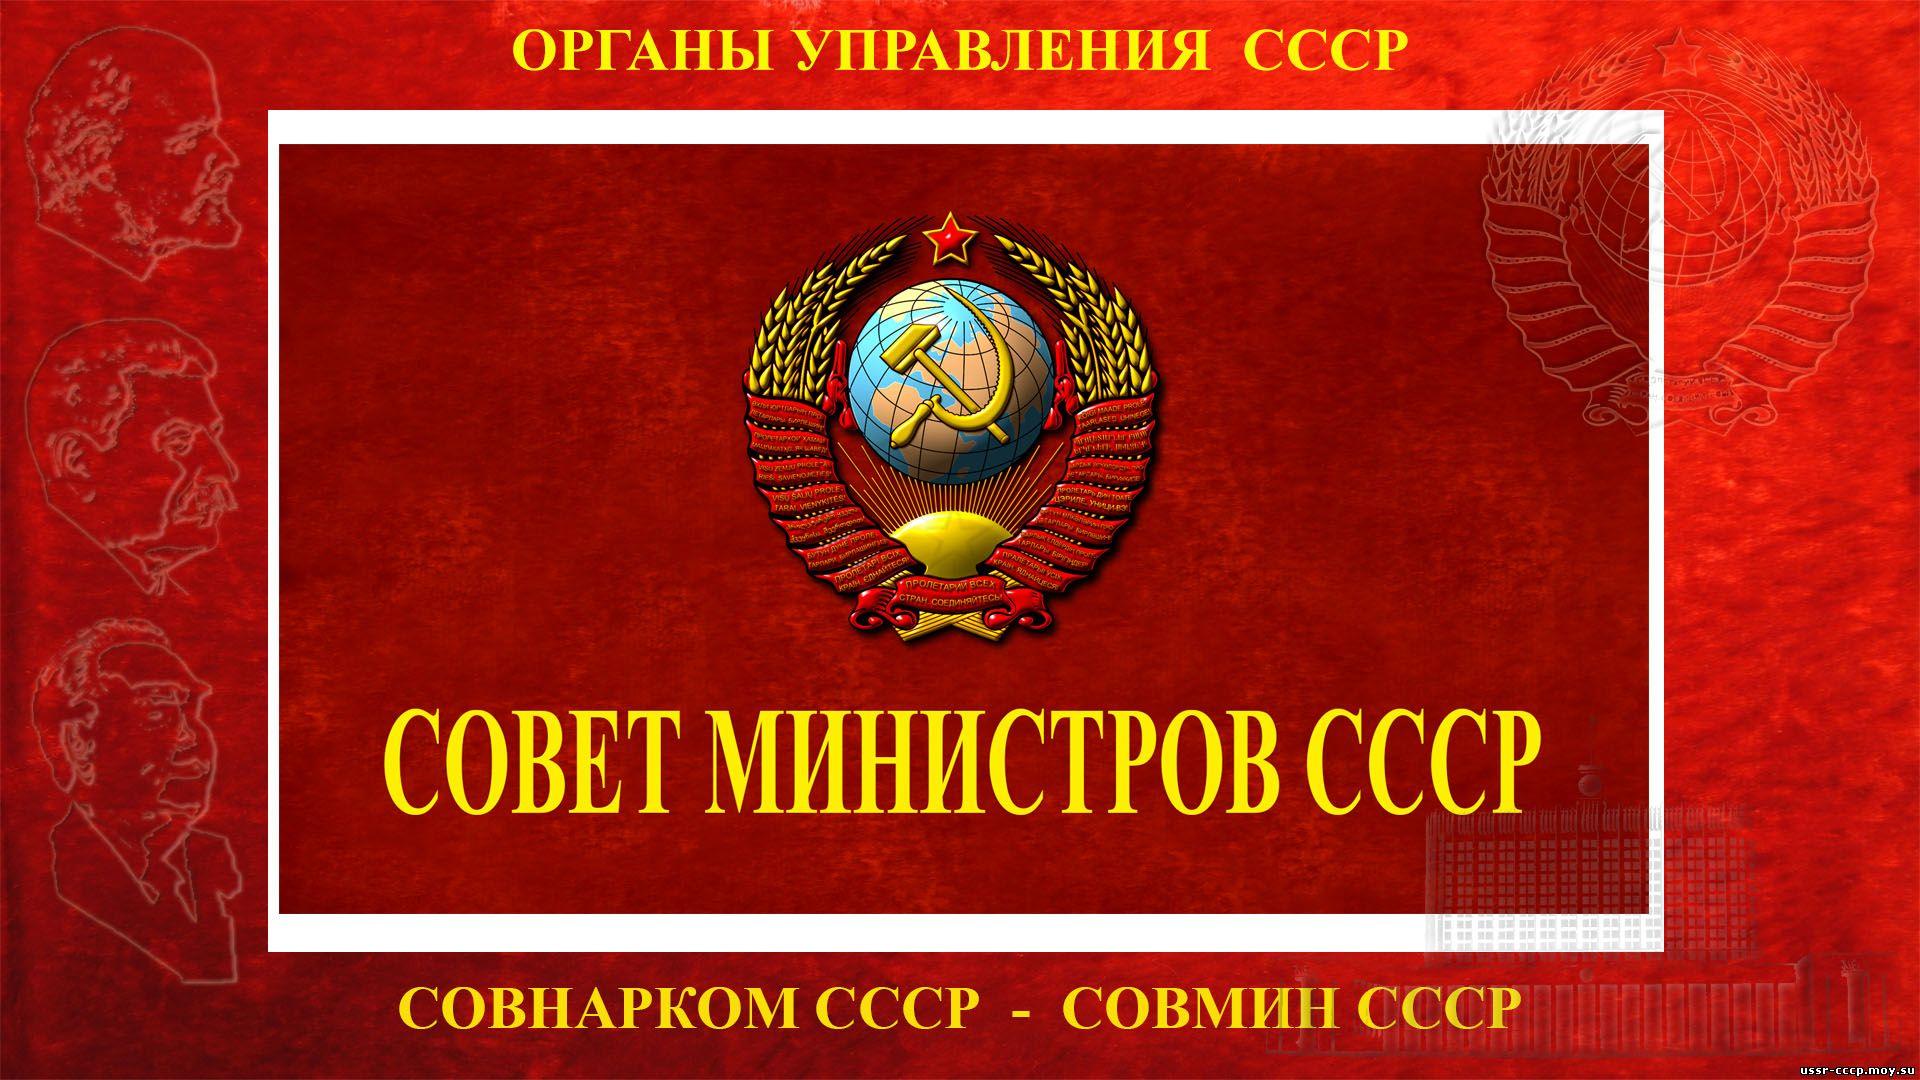 Совет министров СССР — (Совмин СССР) — Высший орган государственной власти СССР (1946—1991) (повествование)